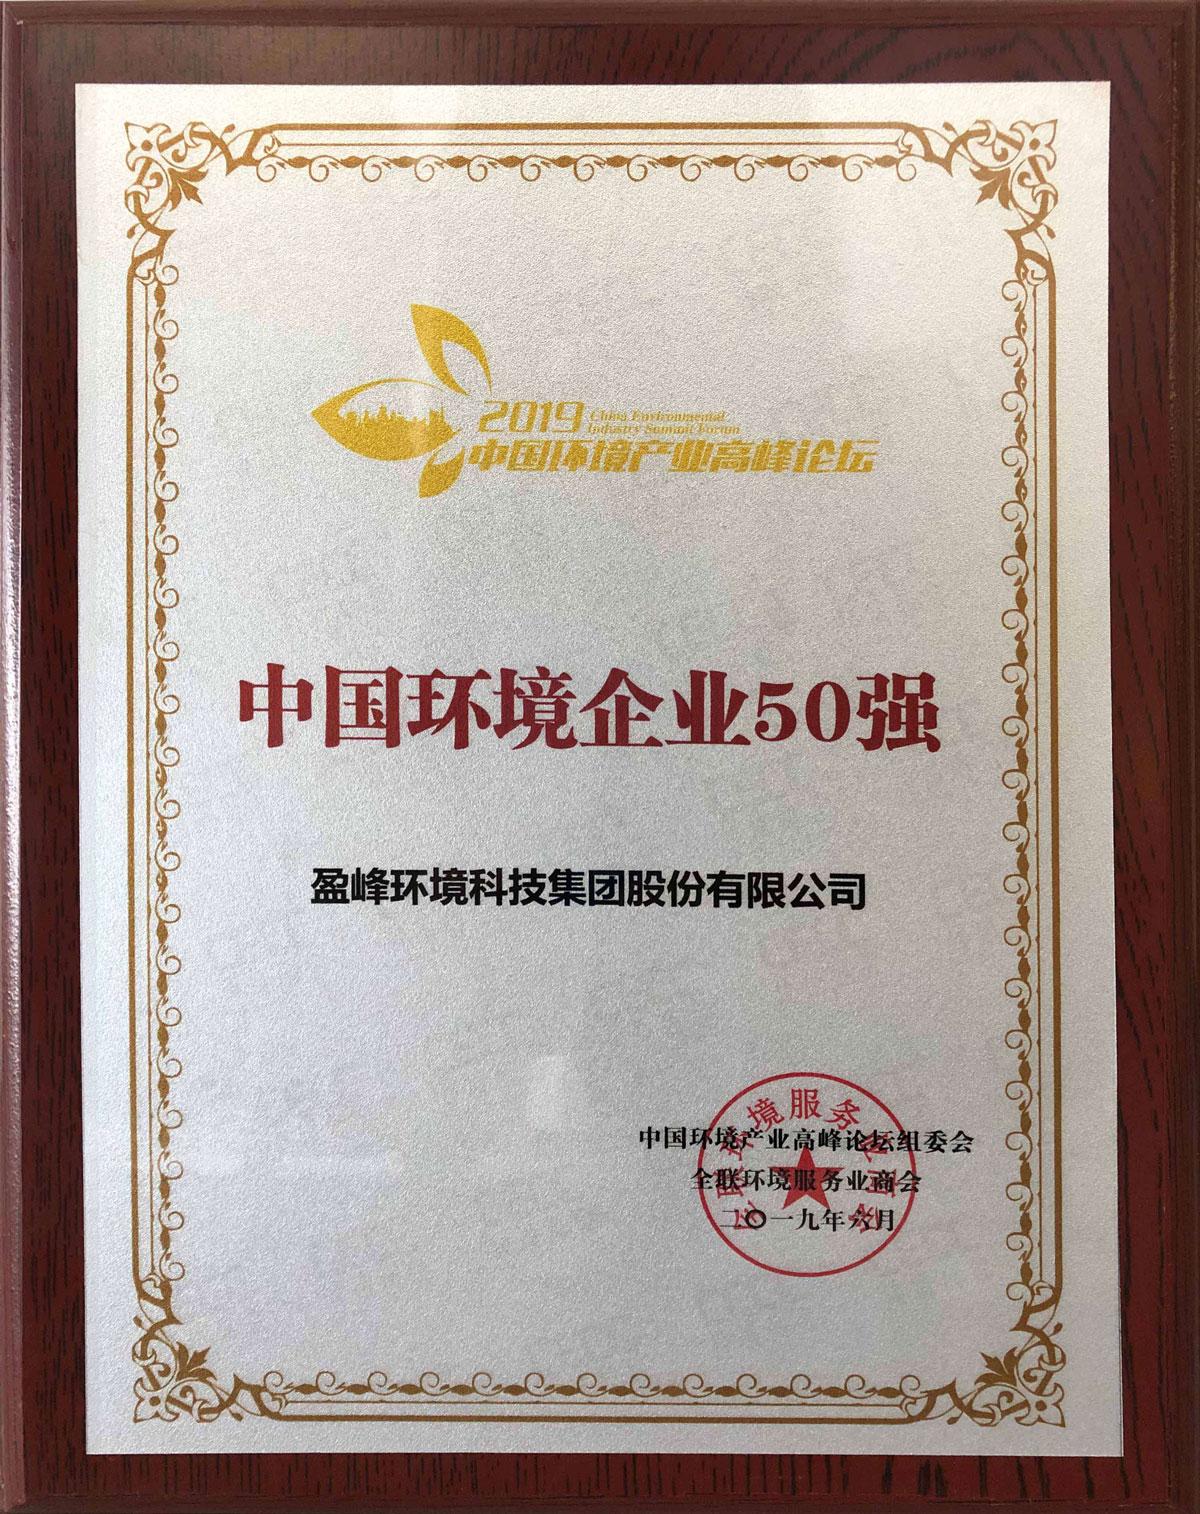 2019年中国环境企业50强